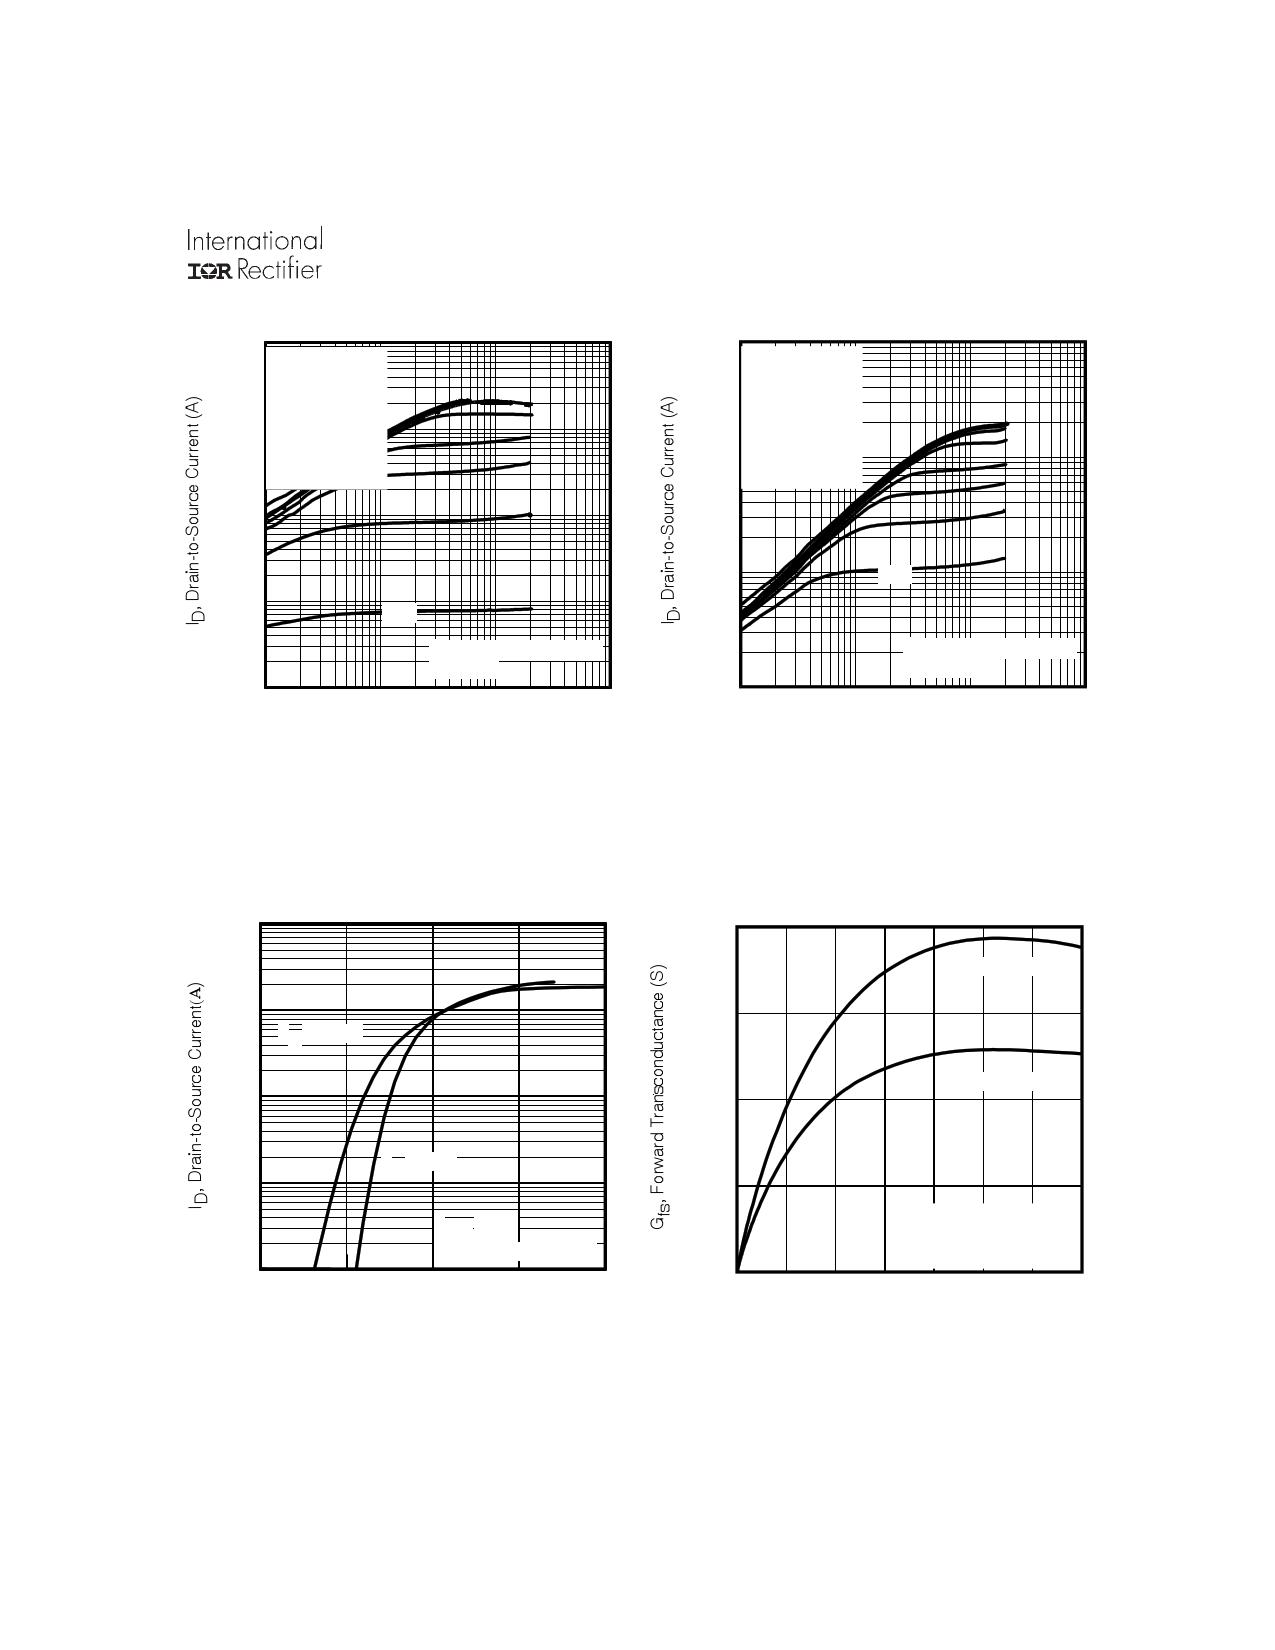 IRFR2307Z pdf, ピン配列